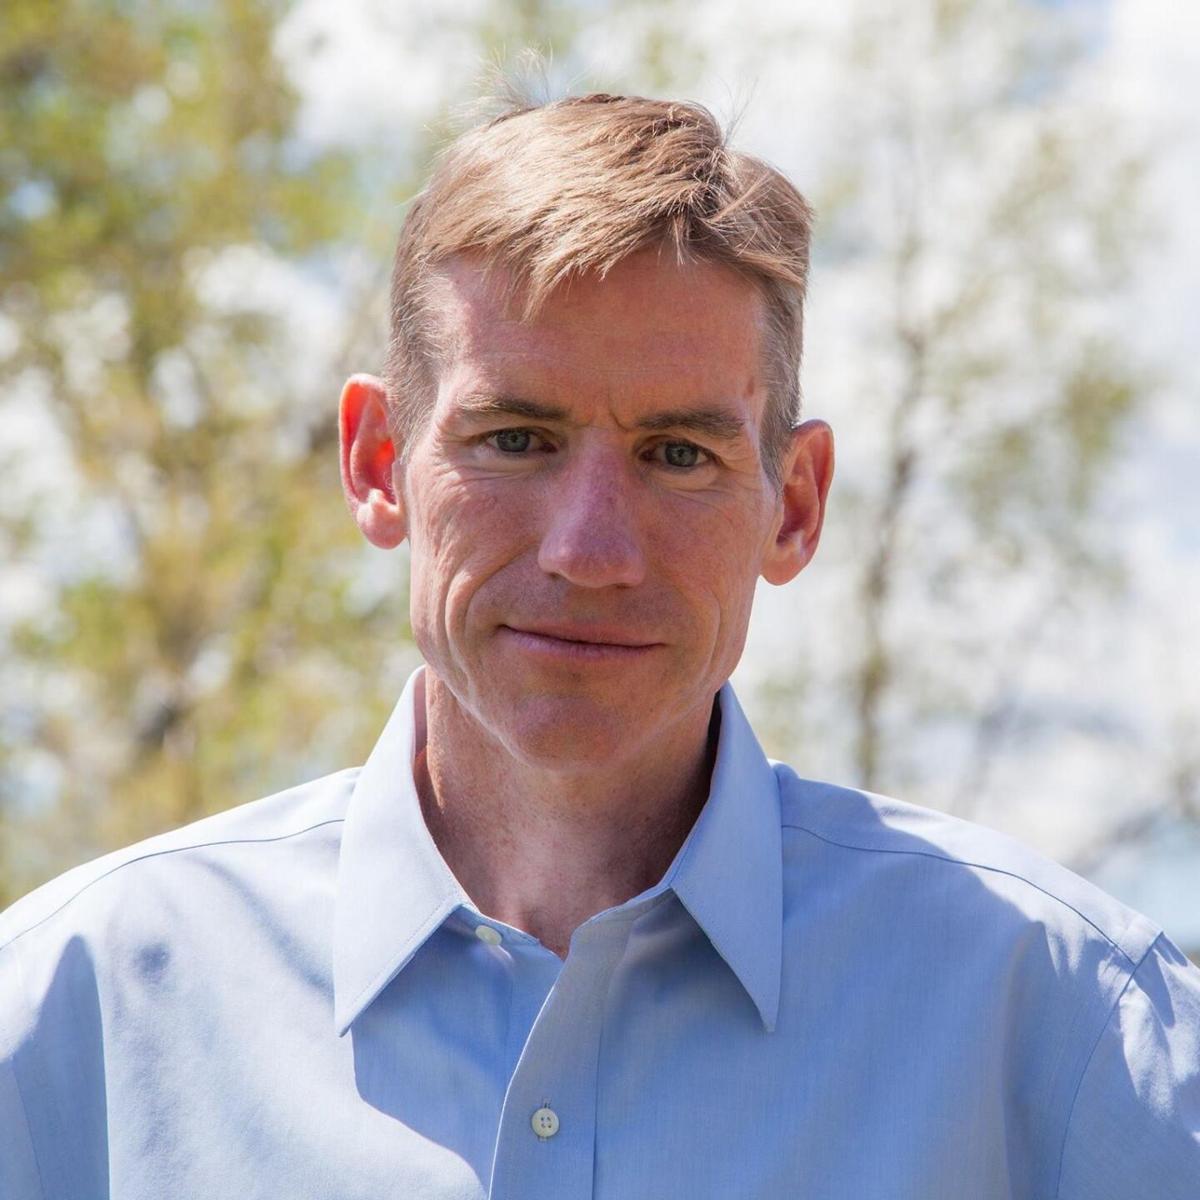 Michael Dougherty, DA candidate